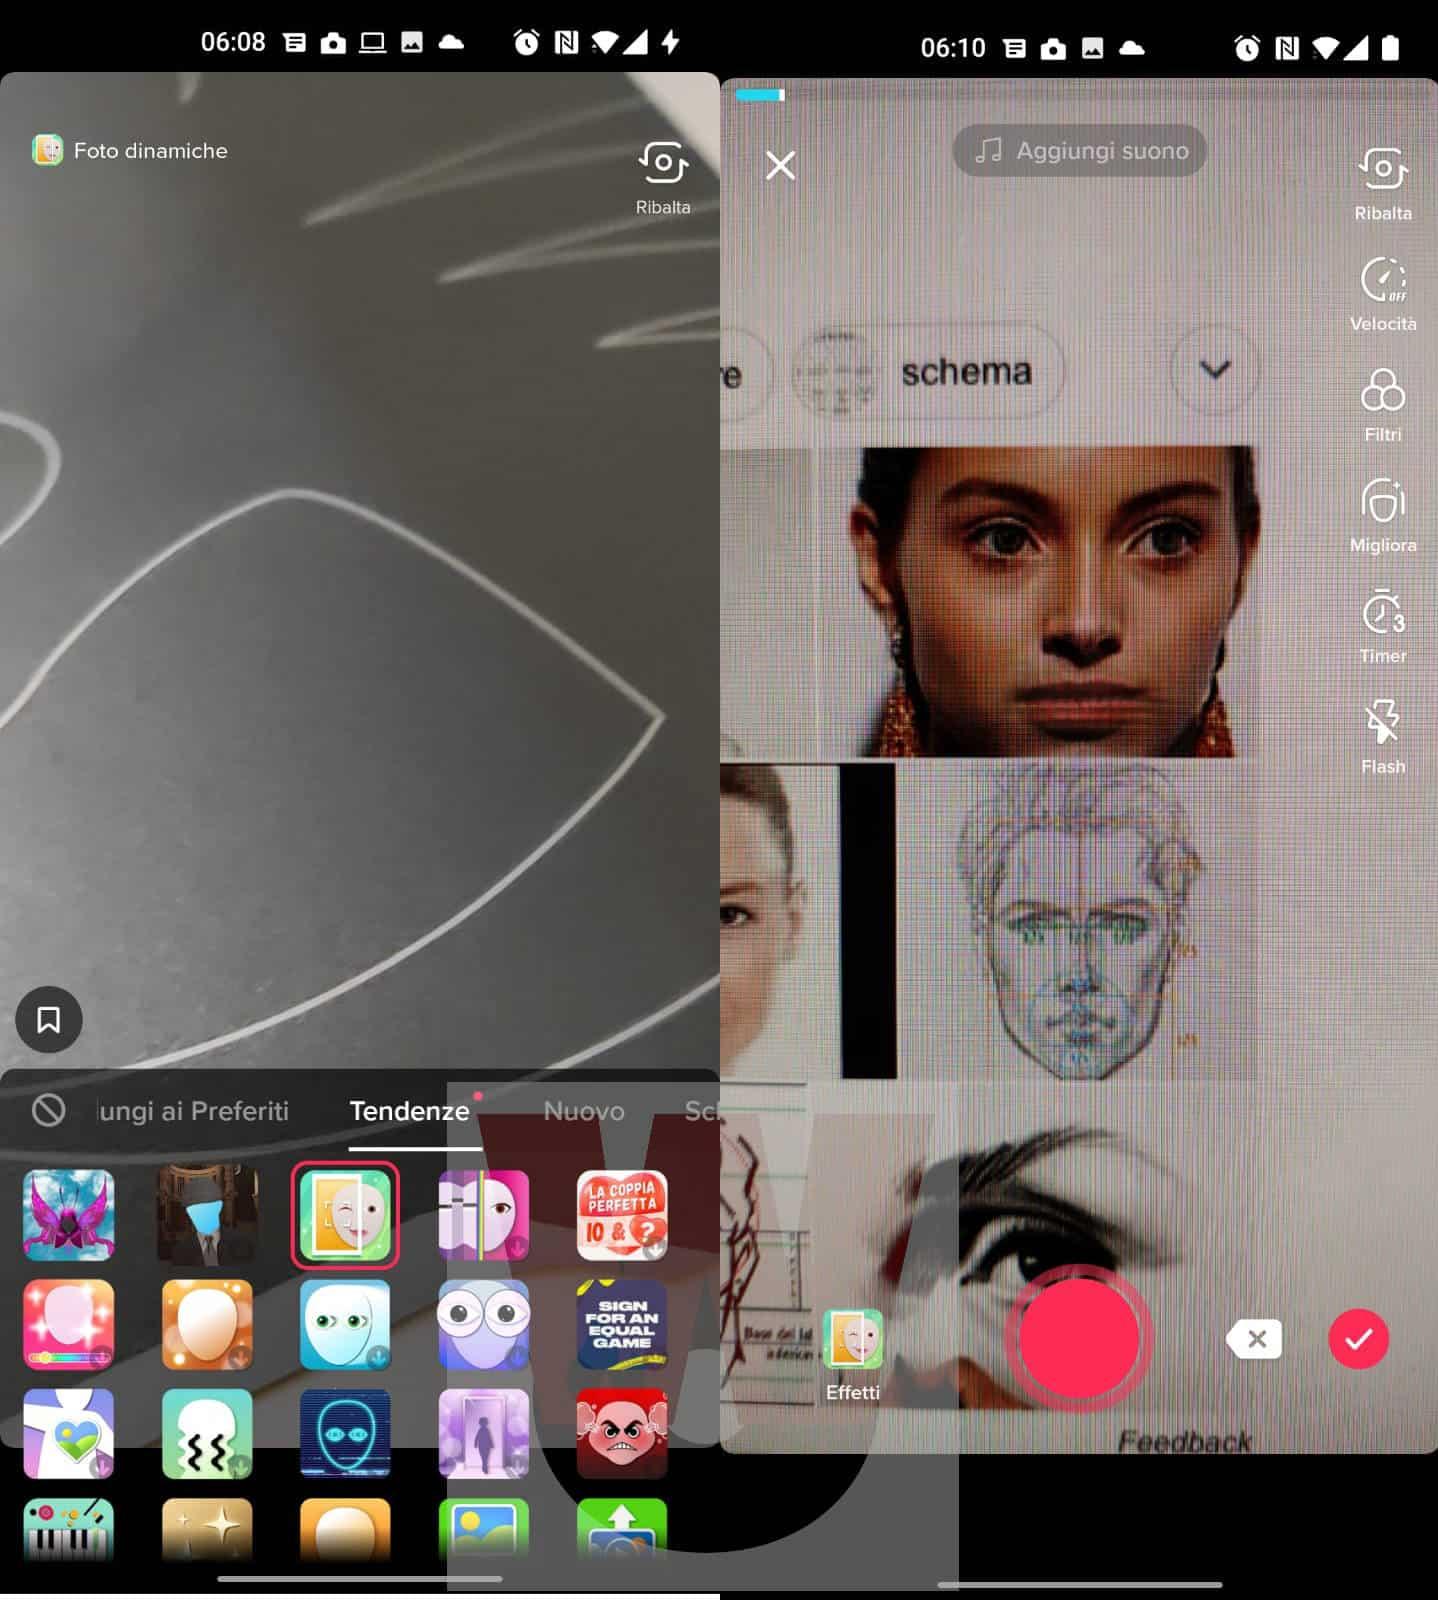 uso filtro foto dinamiche TikTok